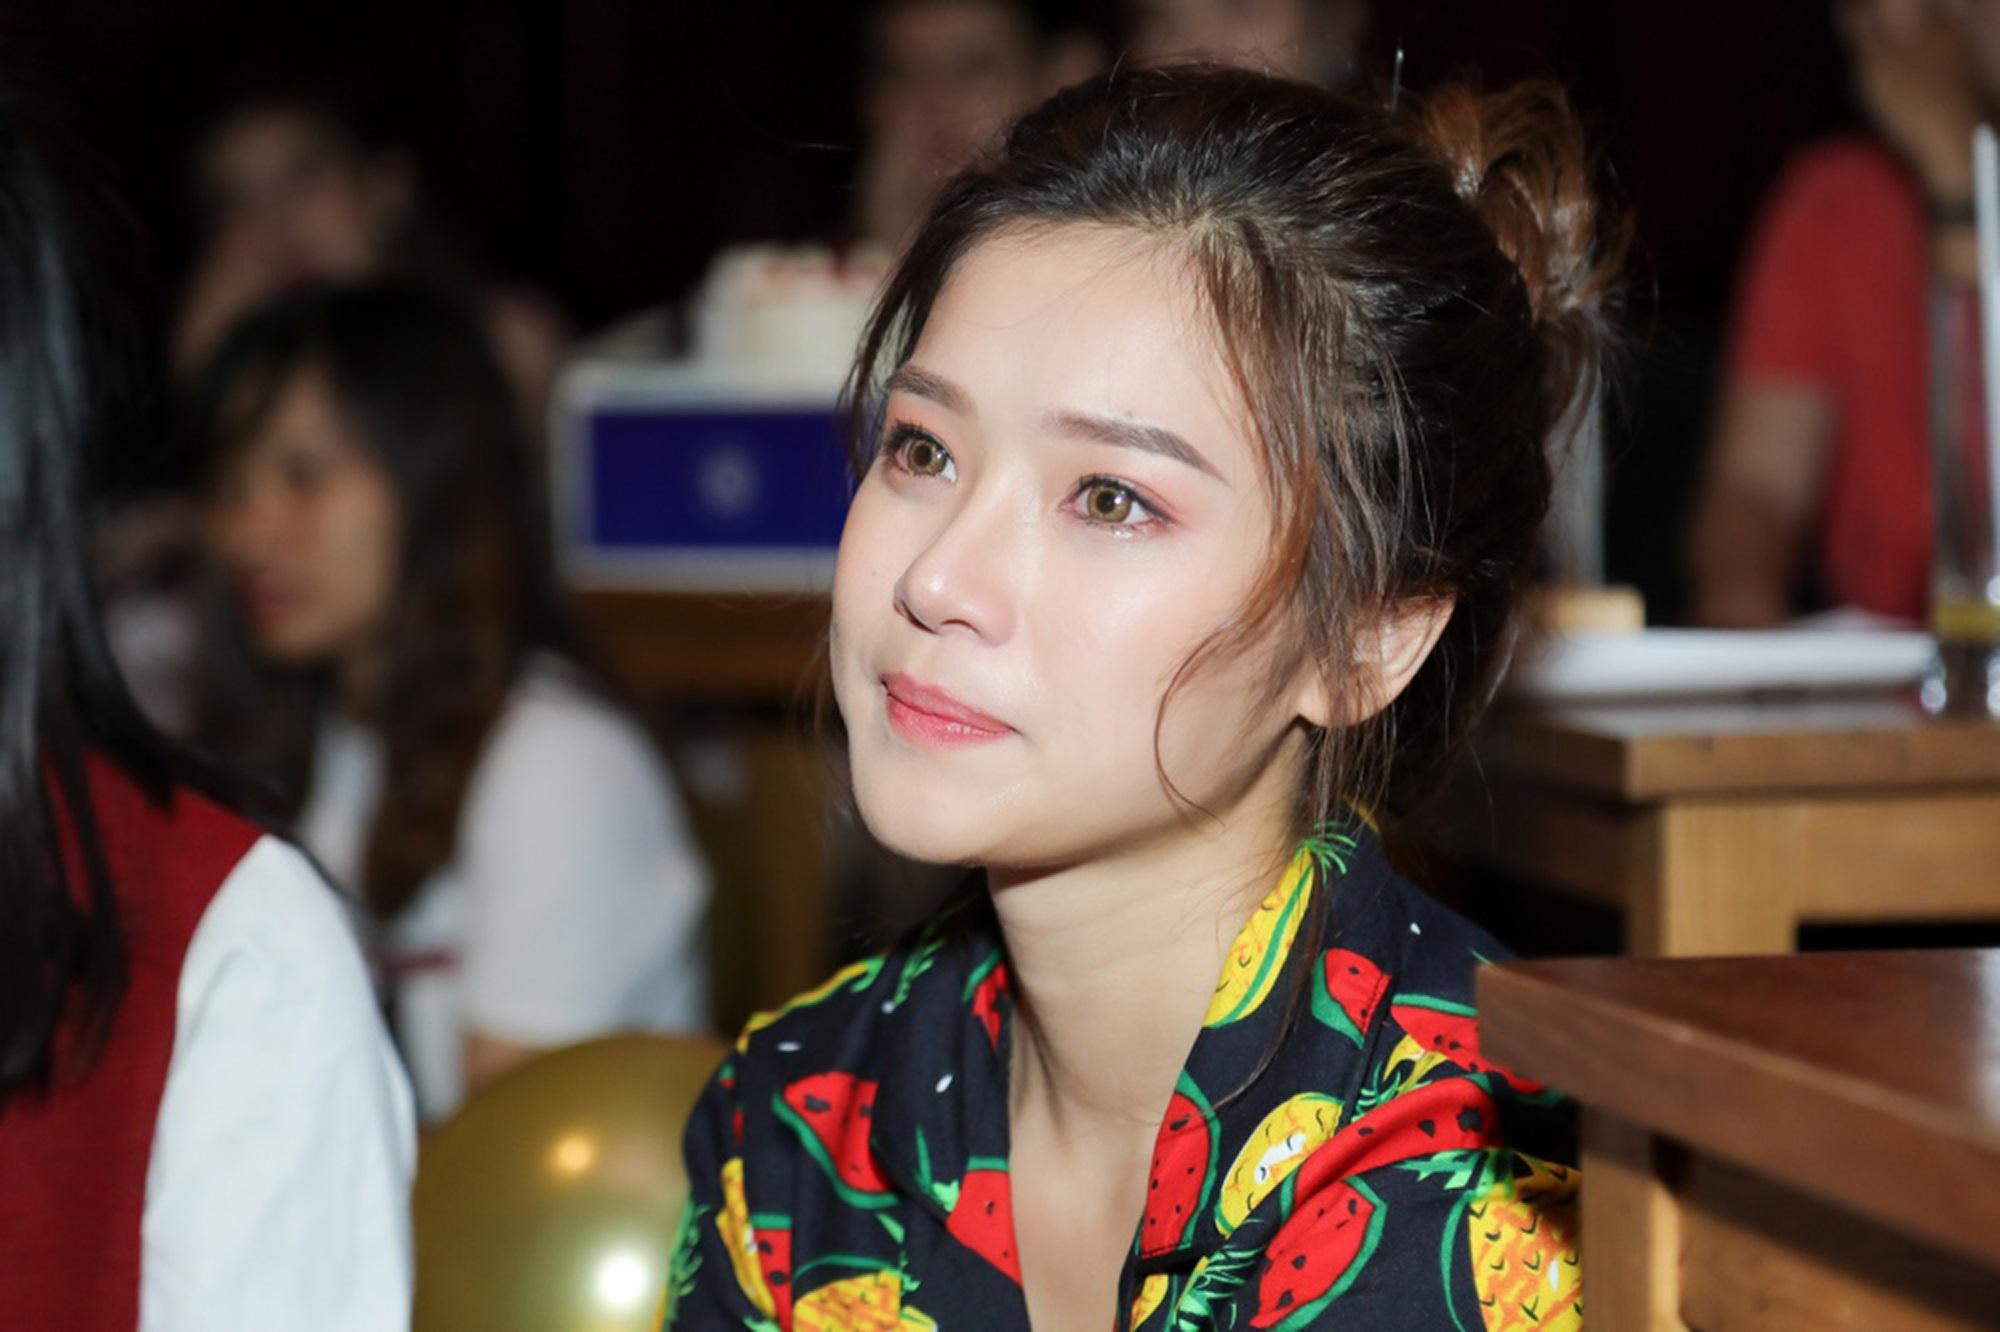 Hoàng Yến Chibi trở thành cô gái 'đa zi năng' khi 'trình làng' sáng tác đầu tay  - Ảnh 3